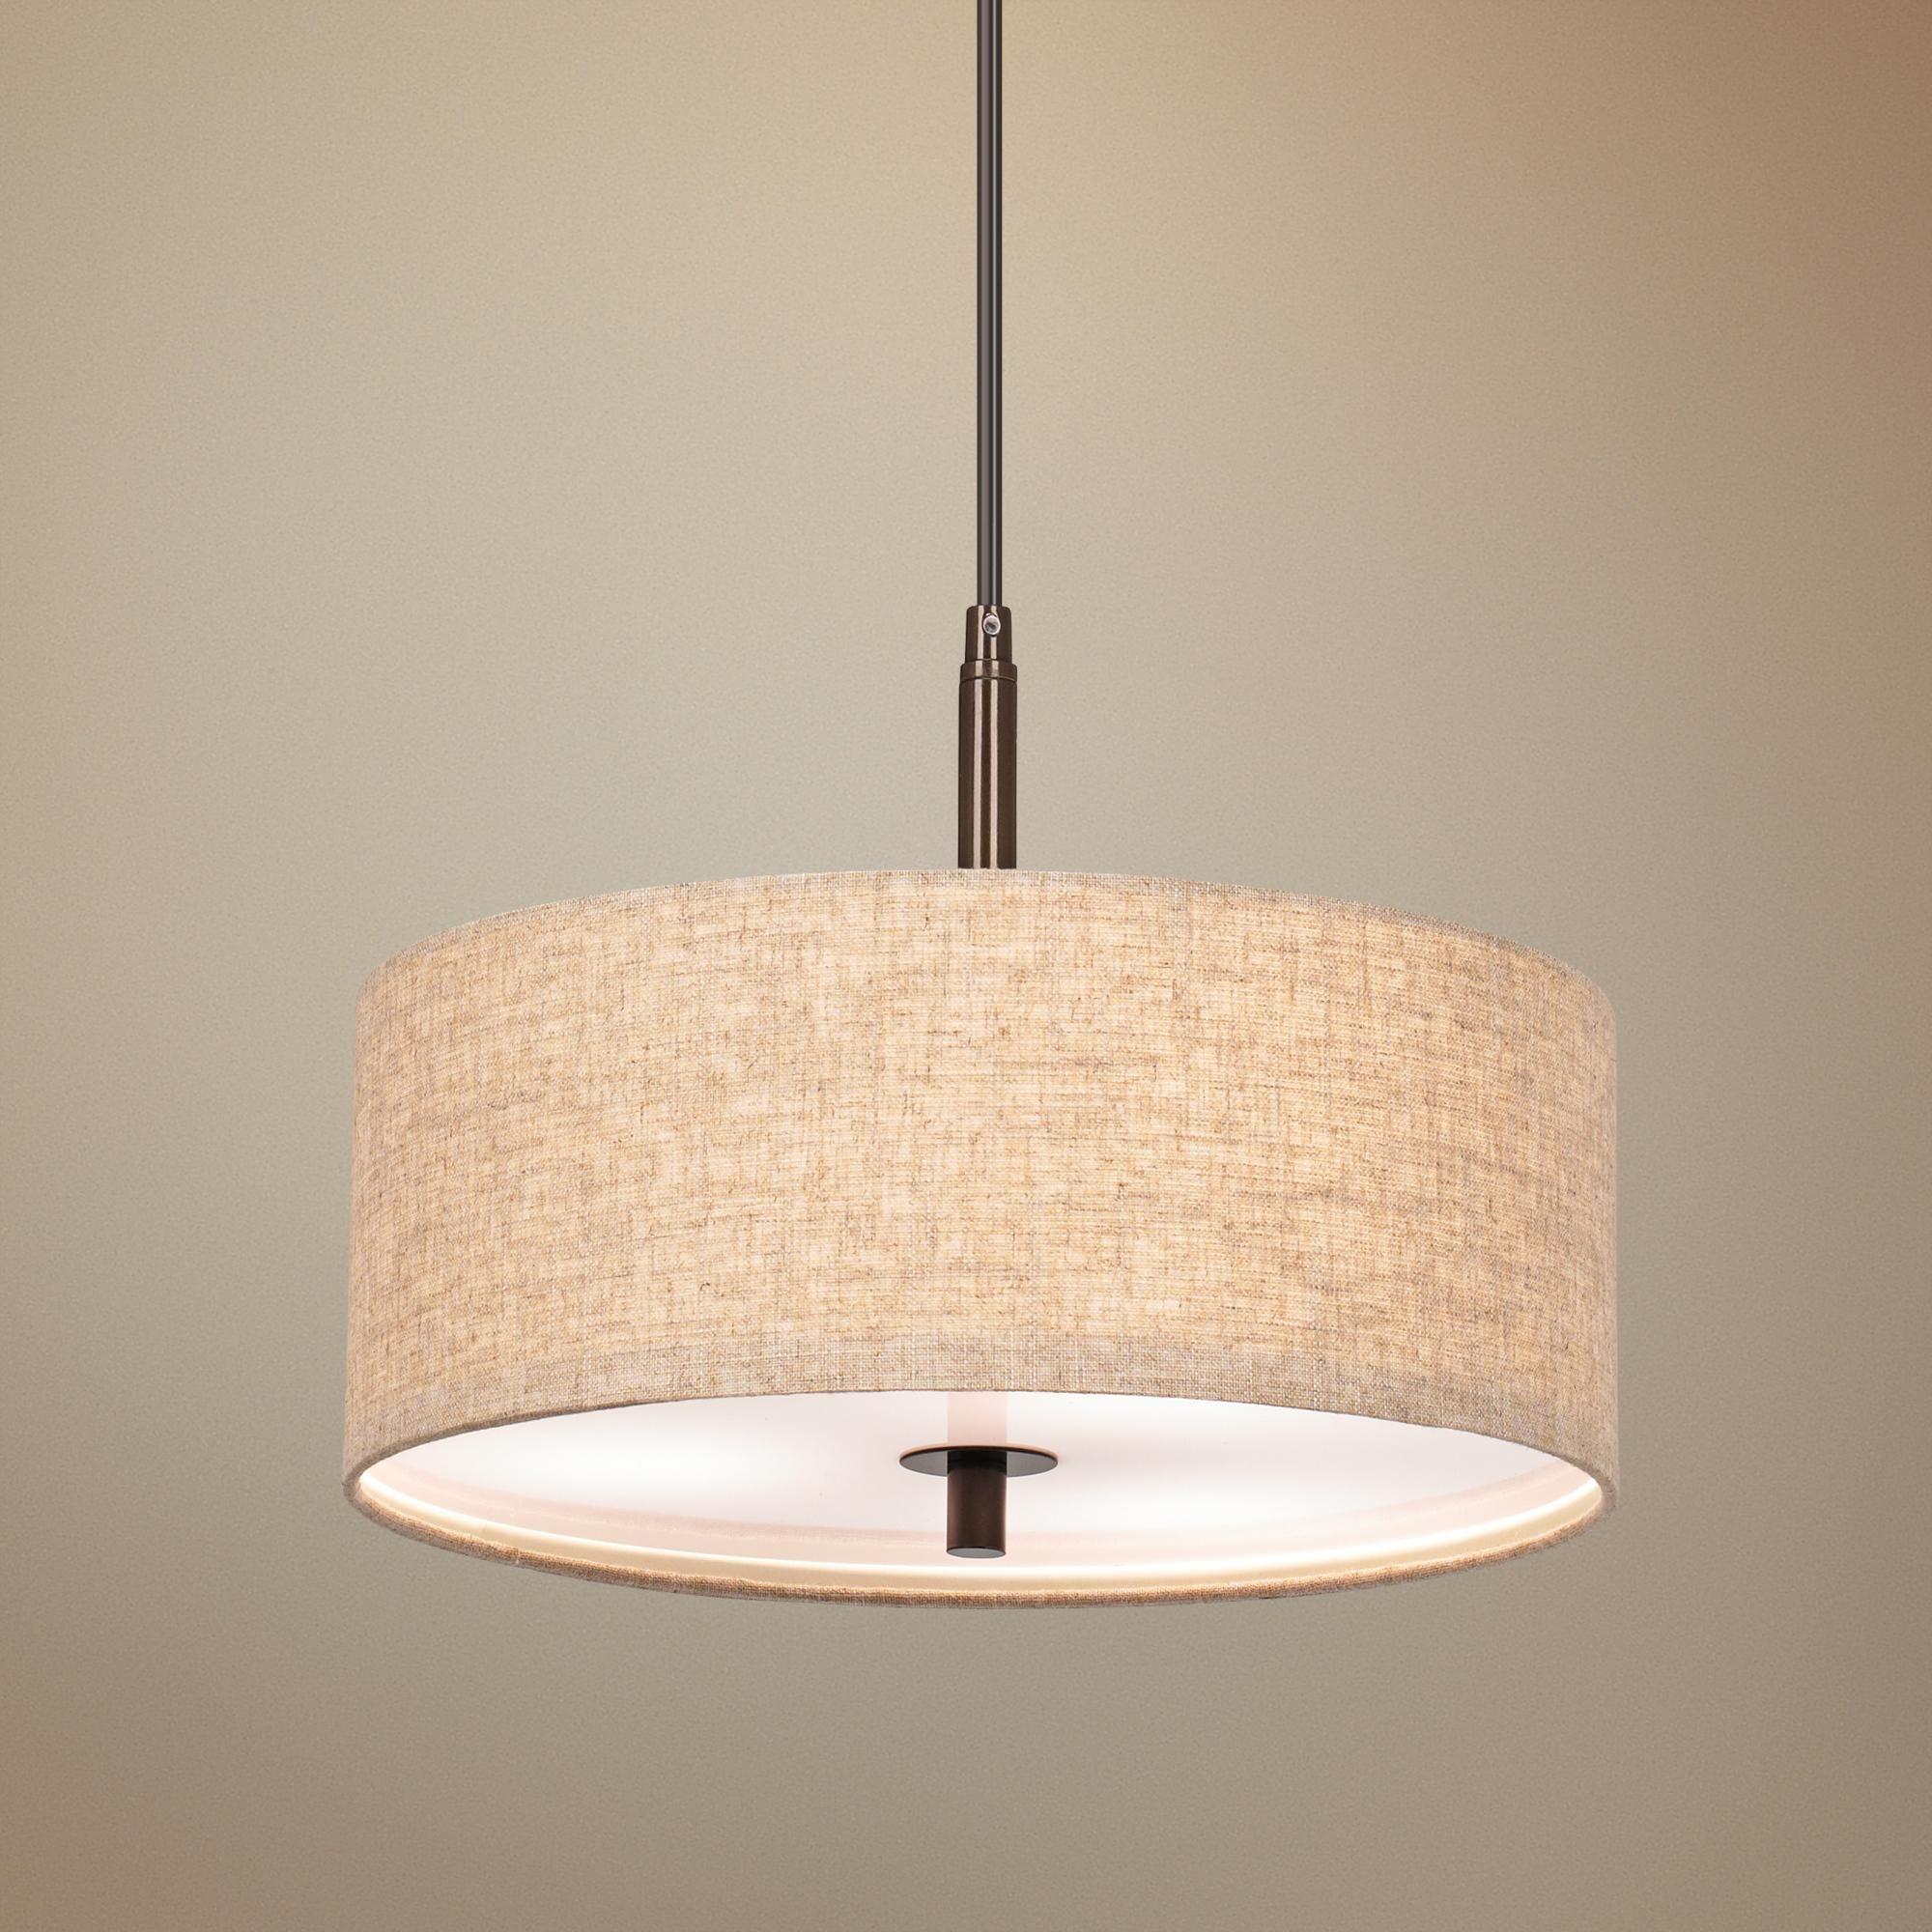 Possini Euro Design Cream Drum 16 W Pendant Light V2821 Lamps Plus Pendant Light Possini Euro Design Bronze Pendant Light